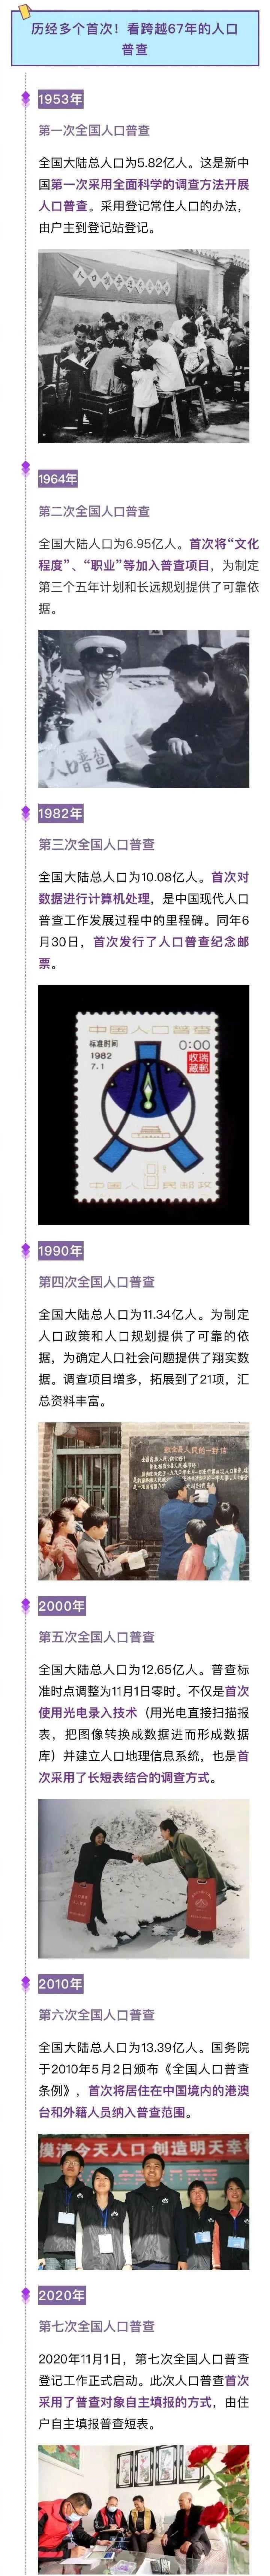 中国人口实时数据_最新汉中人口统计数据公布!汉台城固女性比男性多